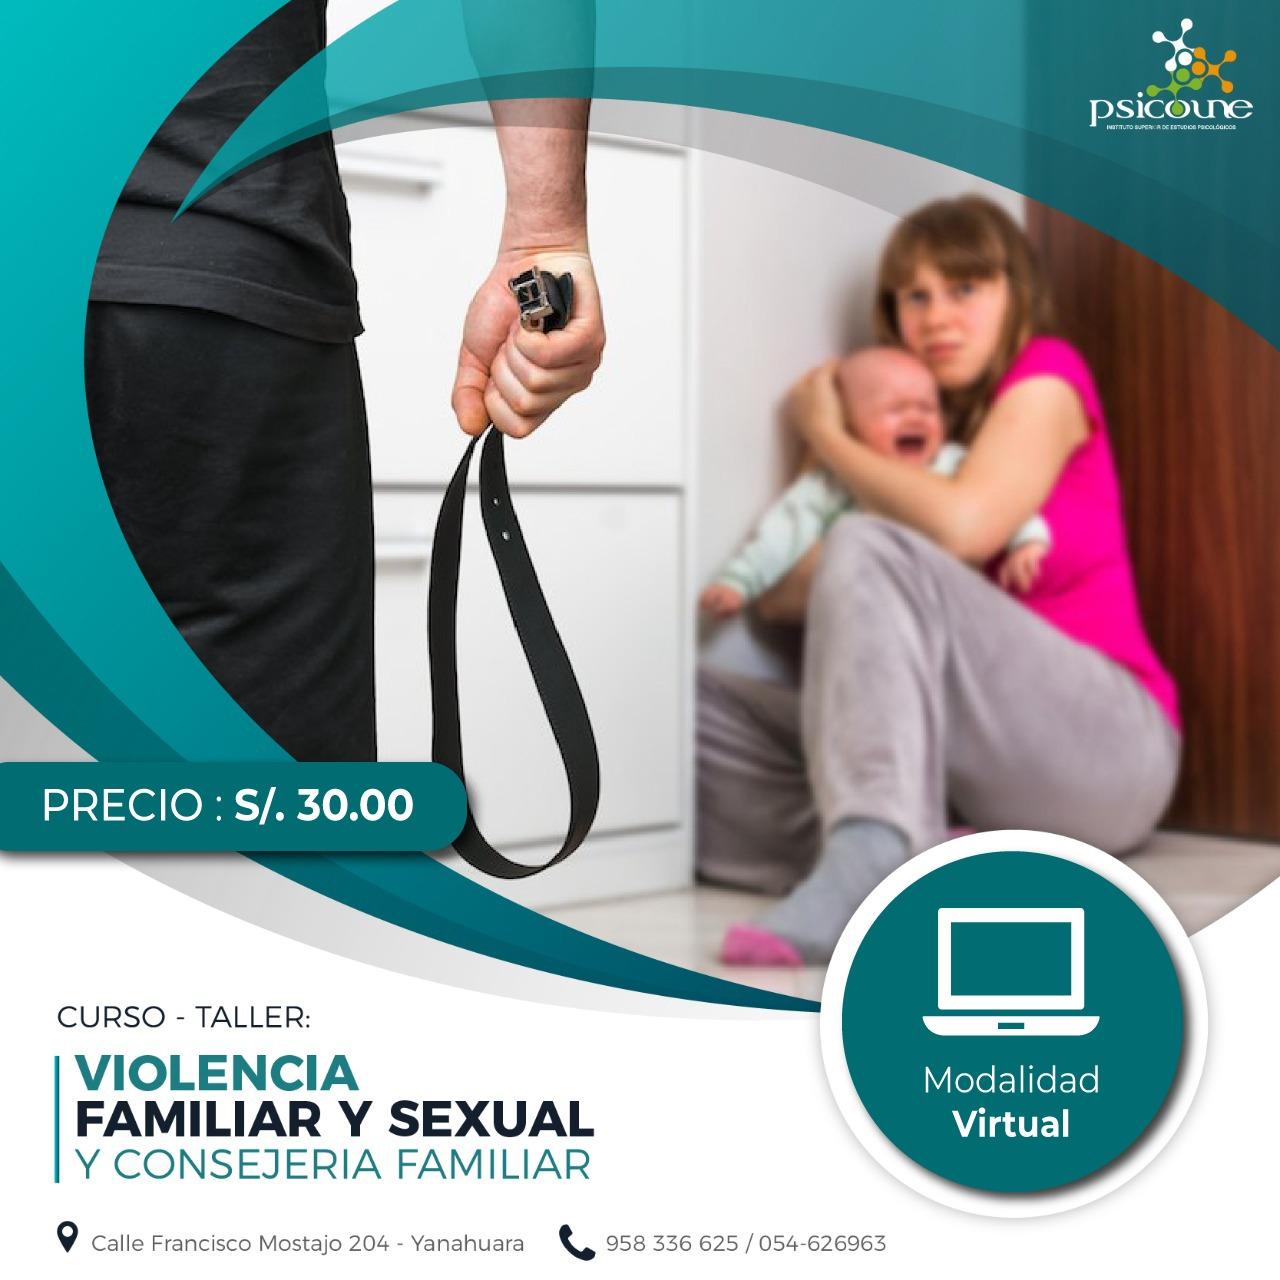 CURSO-TALLER:VIOLENCIA FAMILIAR Y SEXUAL Y CONSEJERÍA FAMILIAR.